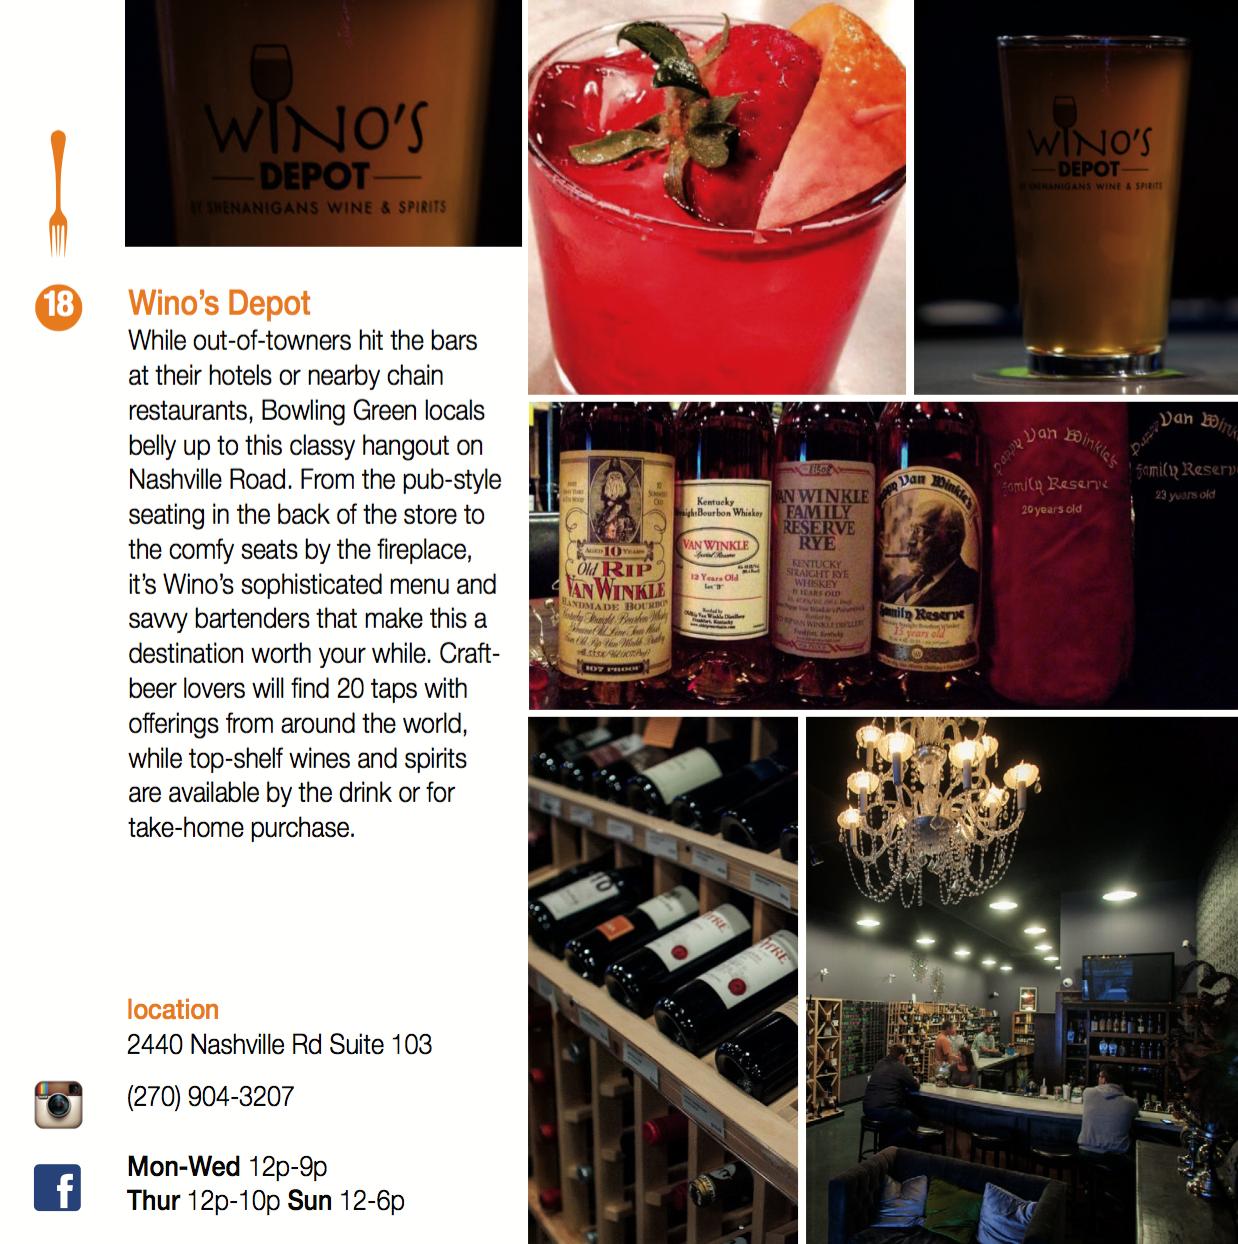 Wino's Depot